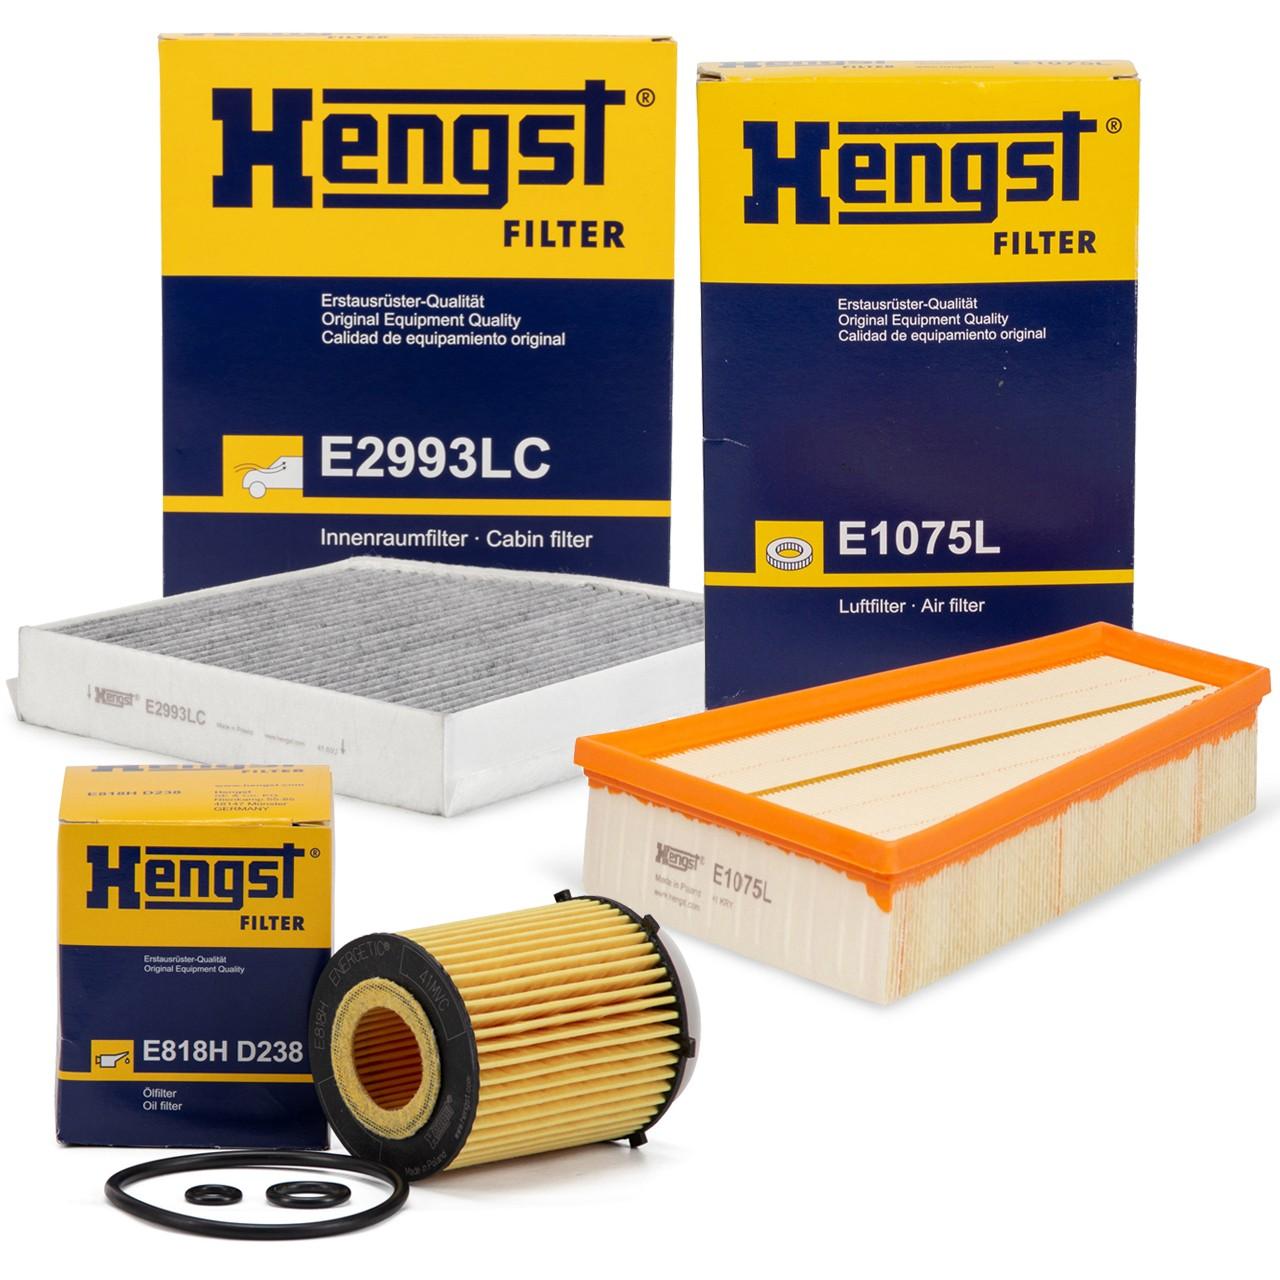 HENGST Filterset für MERCEDES W176 W246 C117 X117 X156 160-250 102-218 PS M270